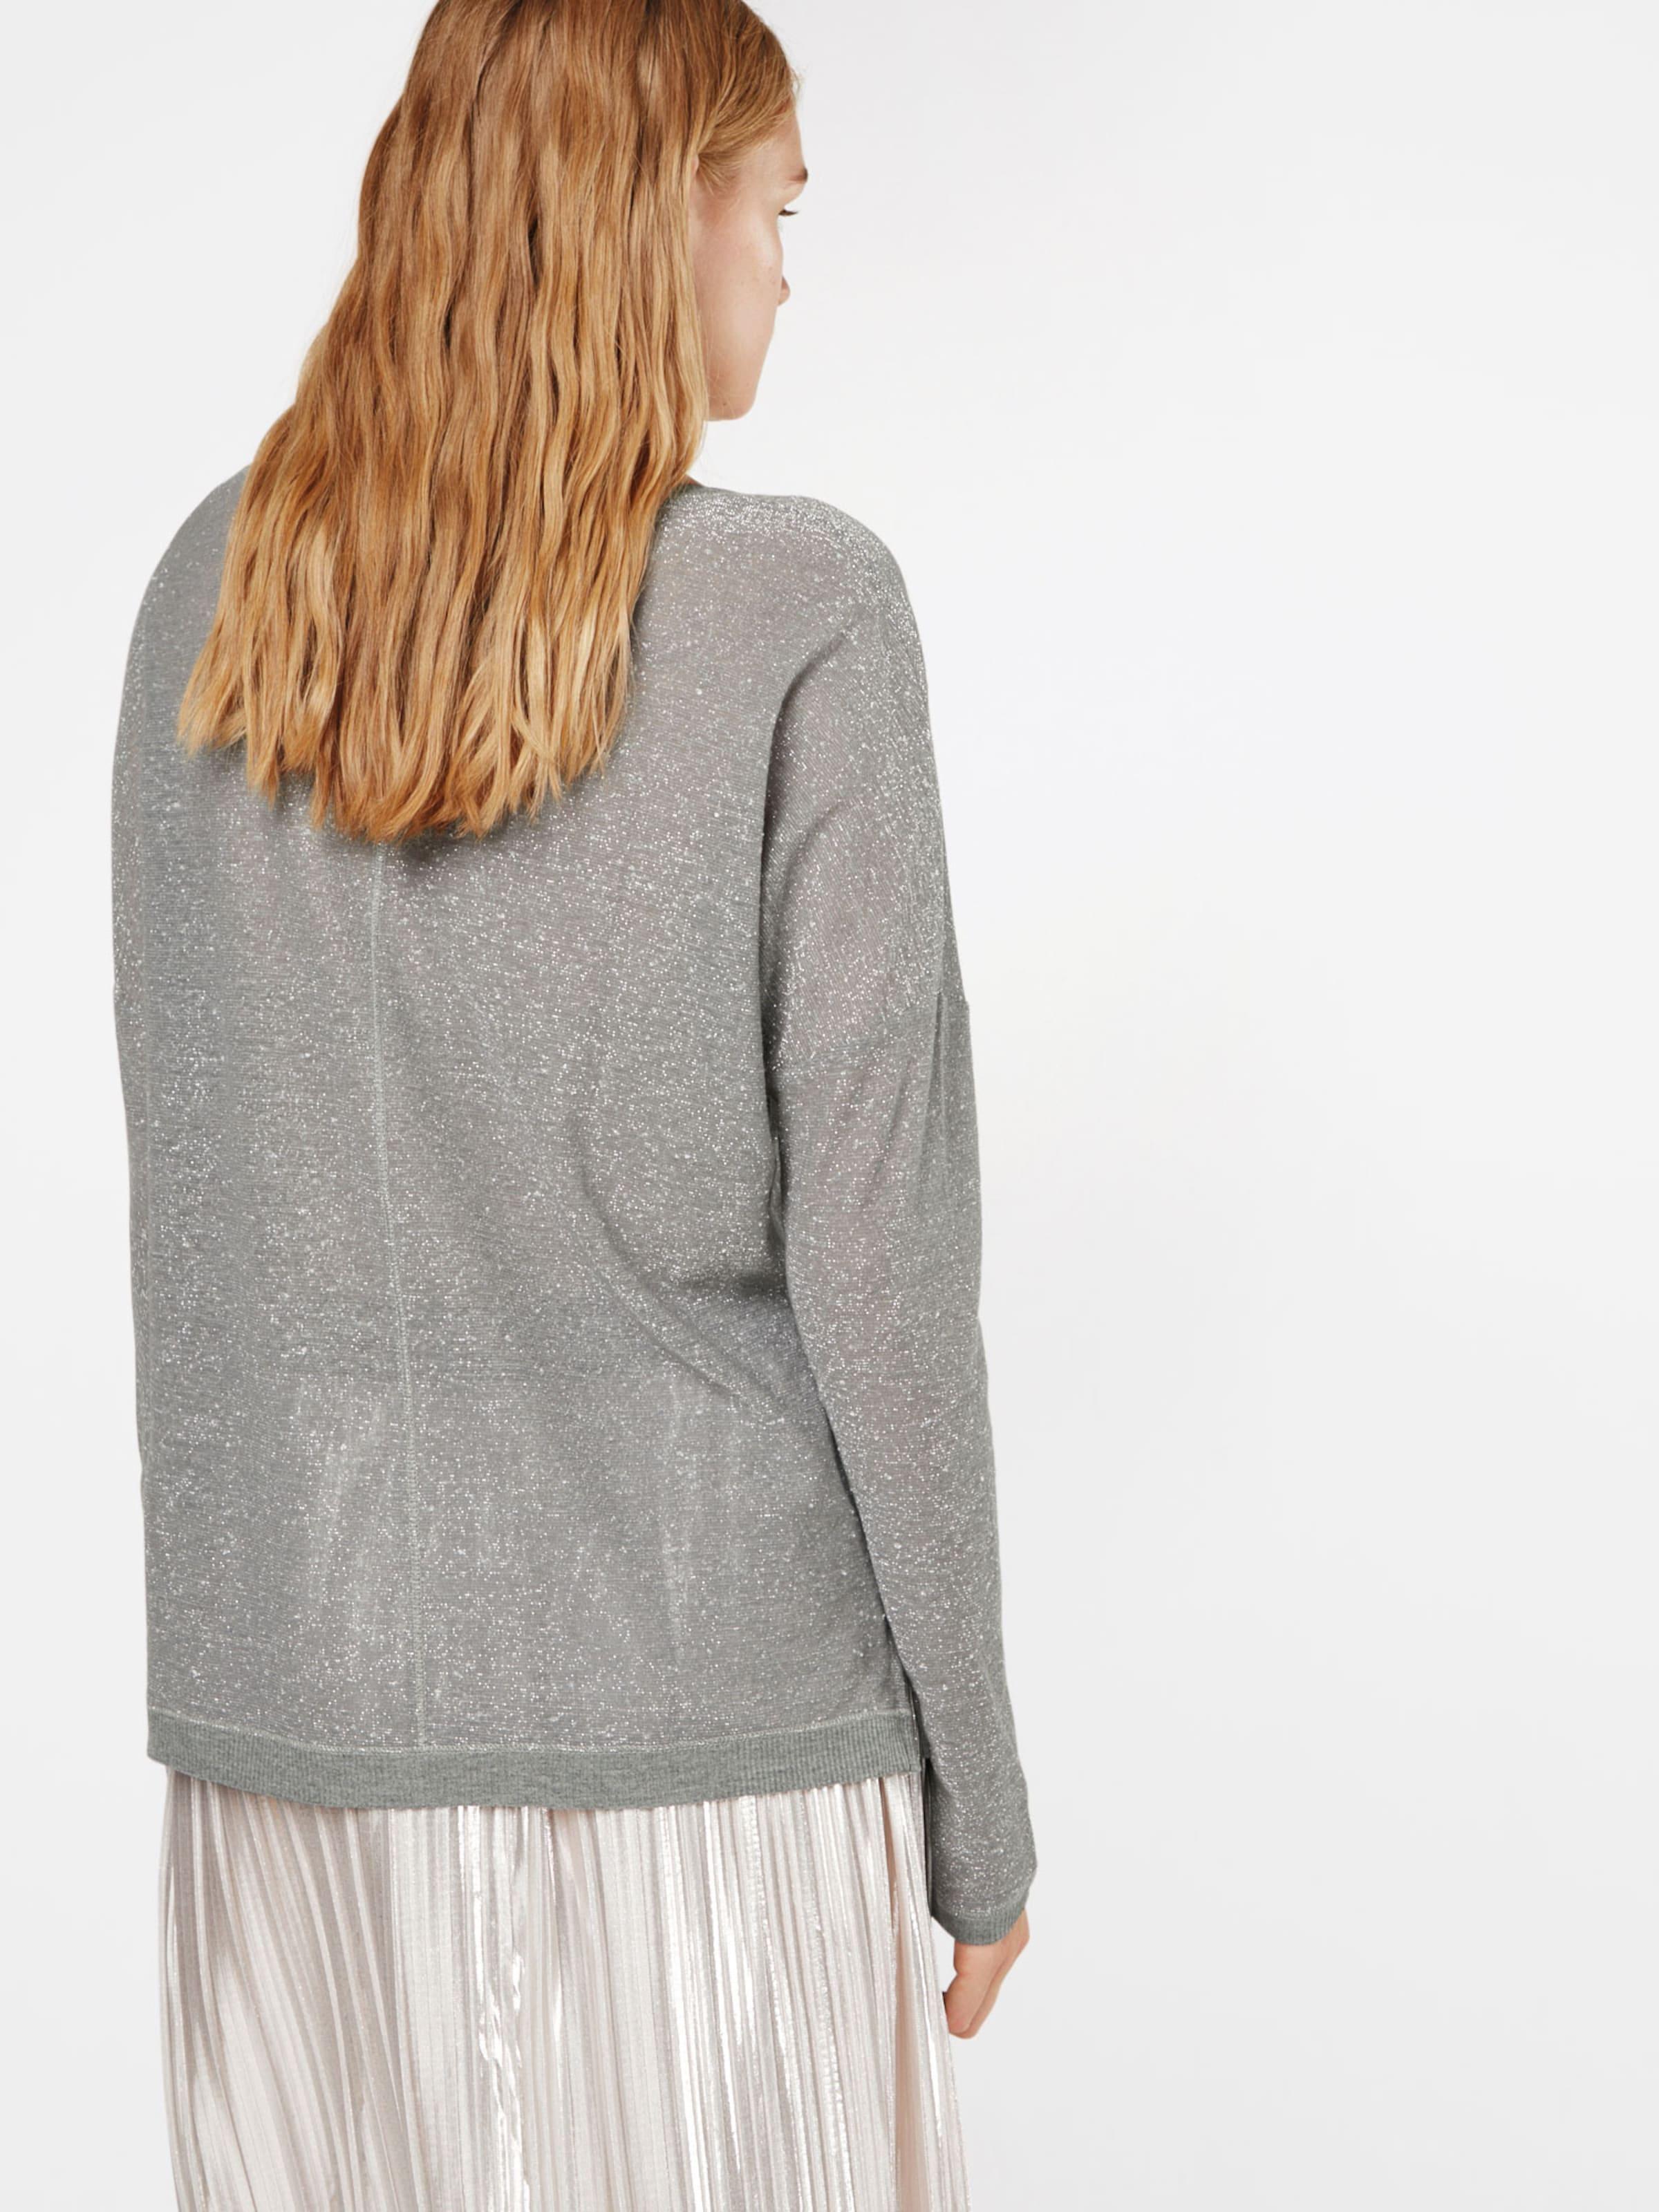 'sparkle' Silbergrau Twenty Pullover In Tees dxCoeBr